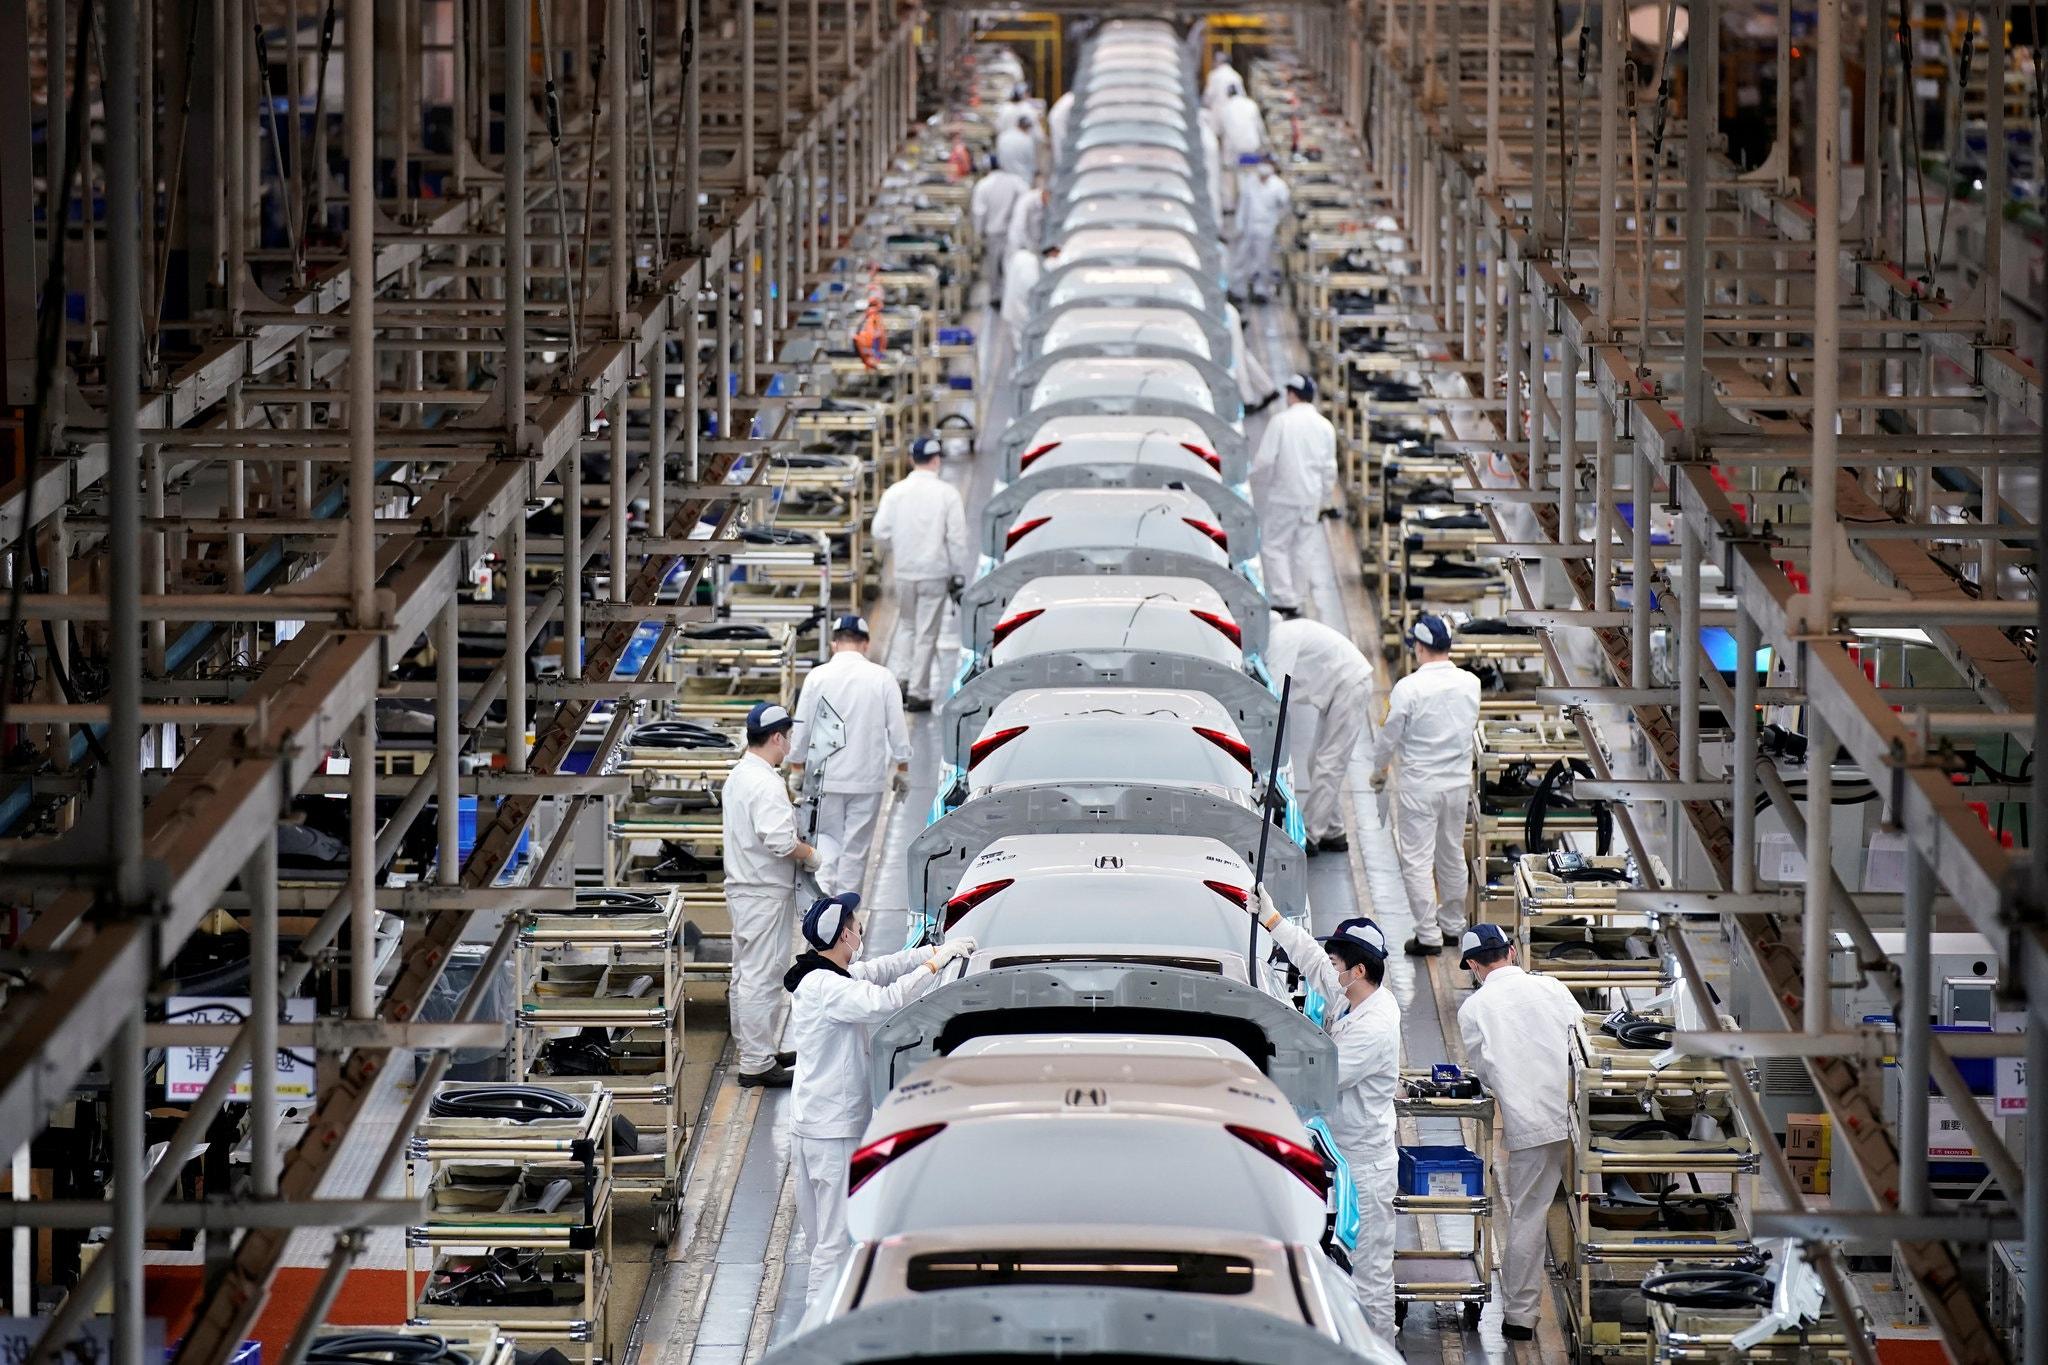 Nhà máy Trung Quốc đã trở lại nhưng khách hàng của họ thì không - Ảnh 1.